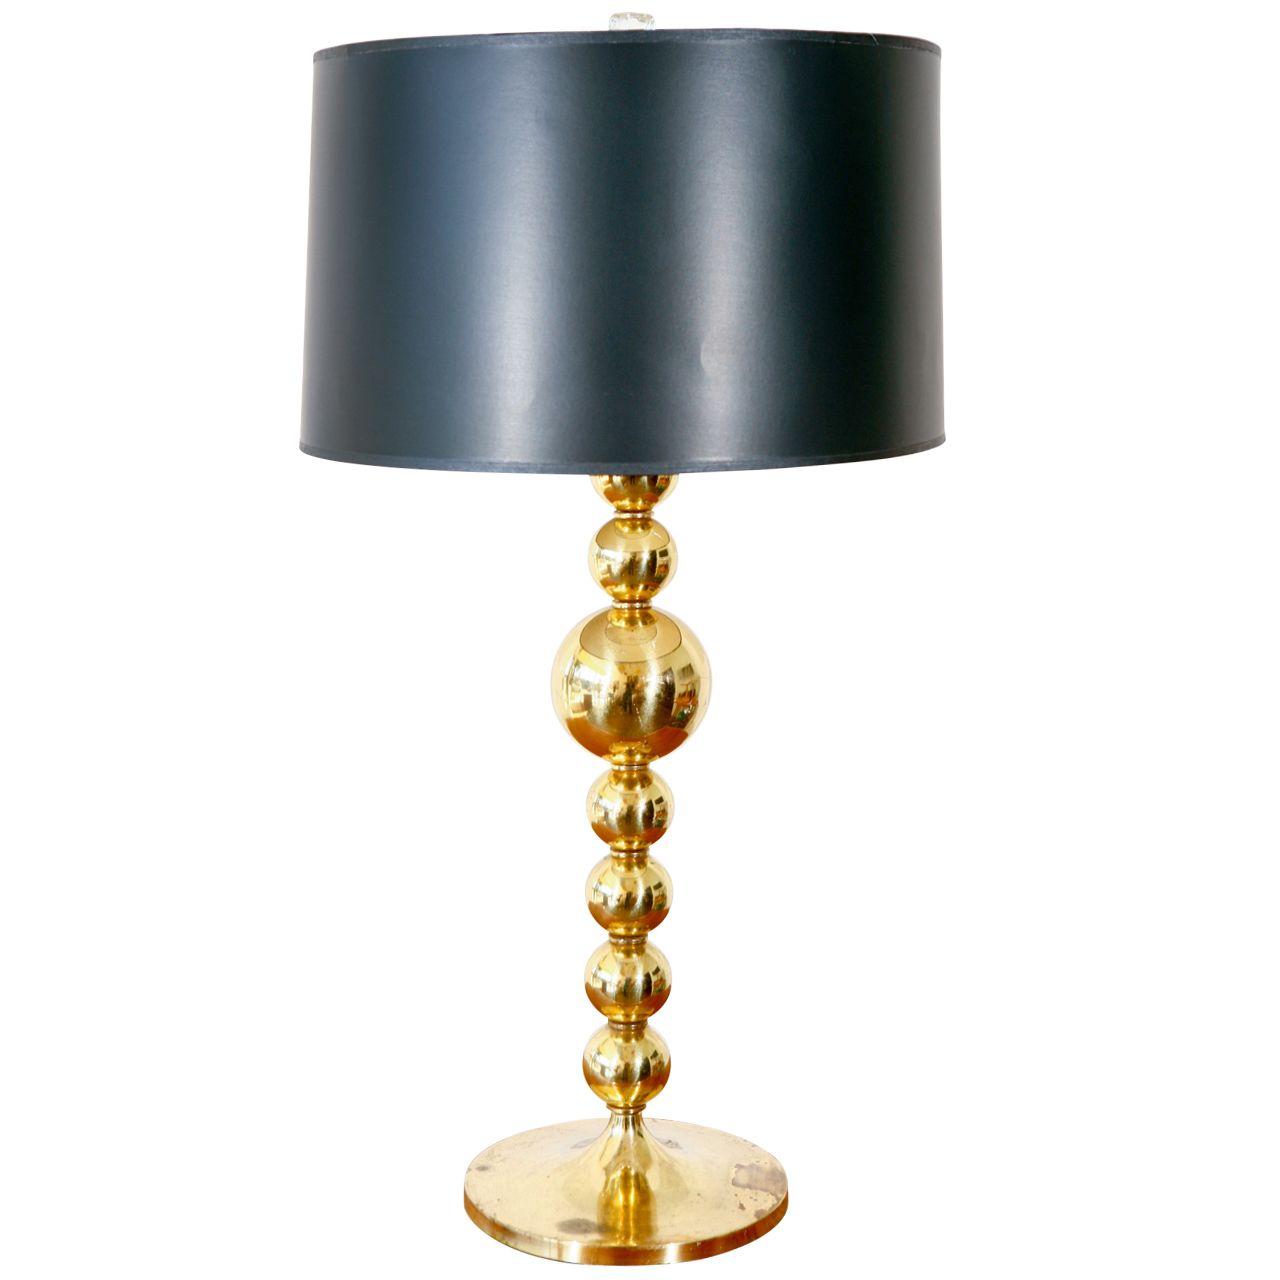 Vintage Brass Spheres Lamp Lamp Vintage Table Lamp Sphere Lamp